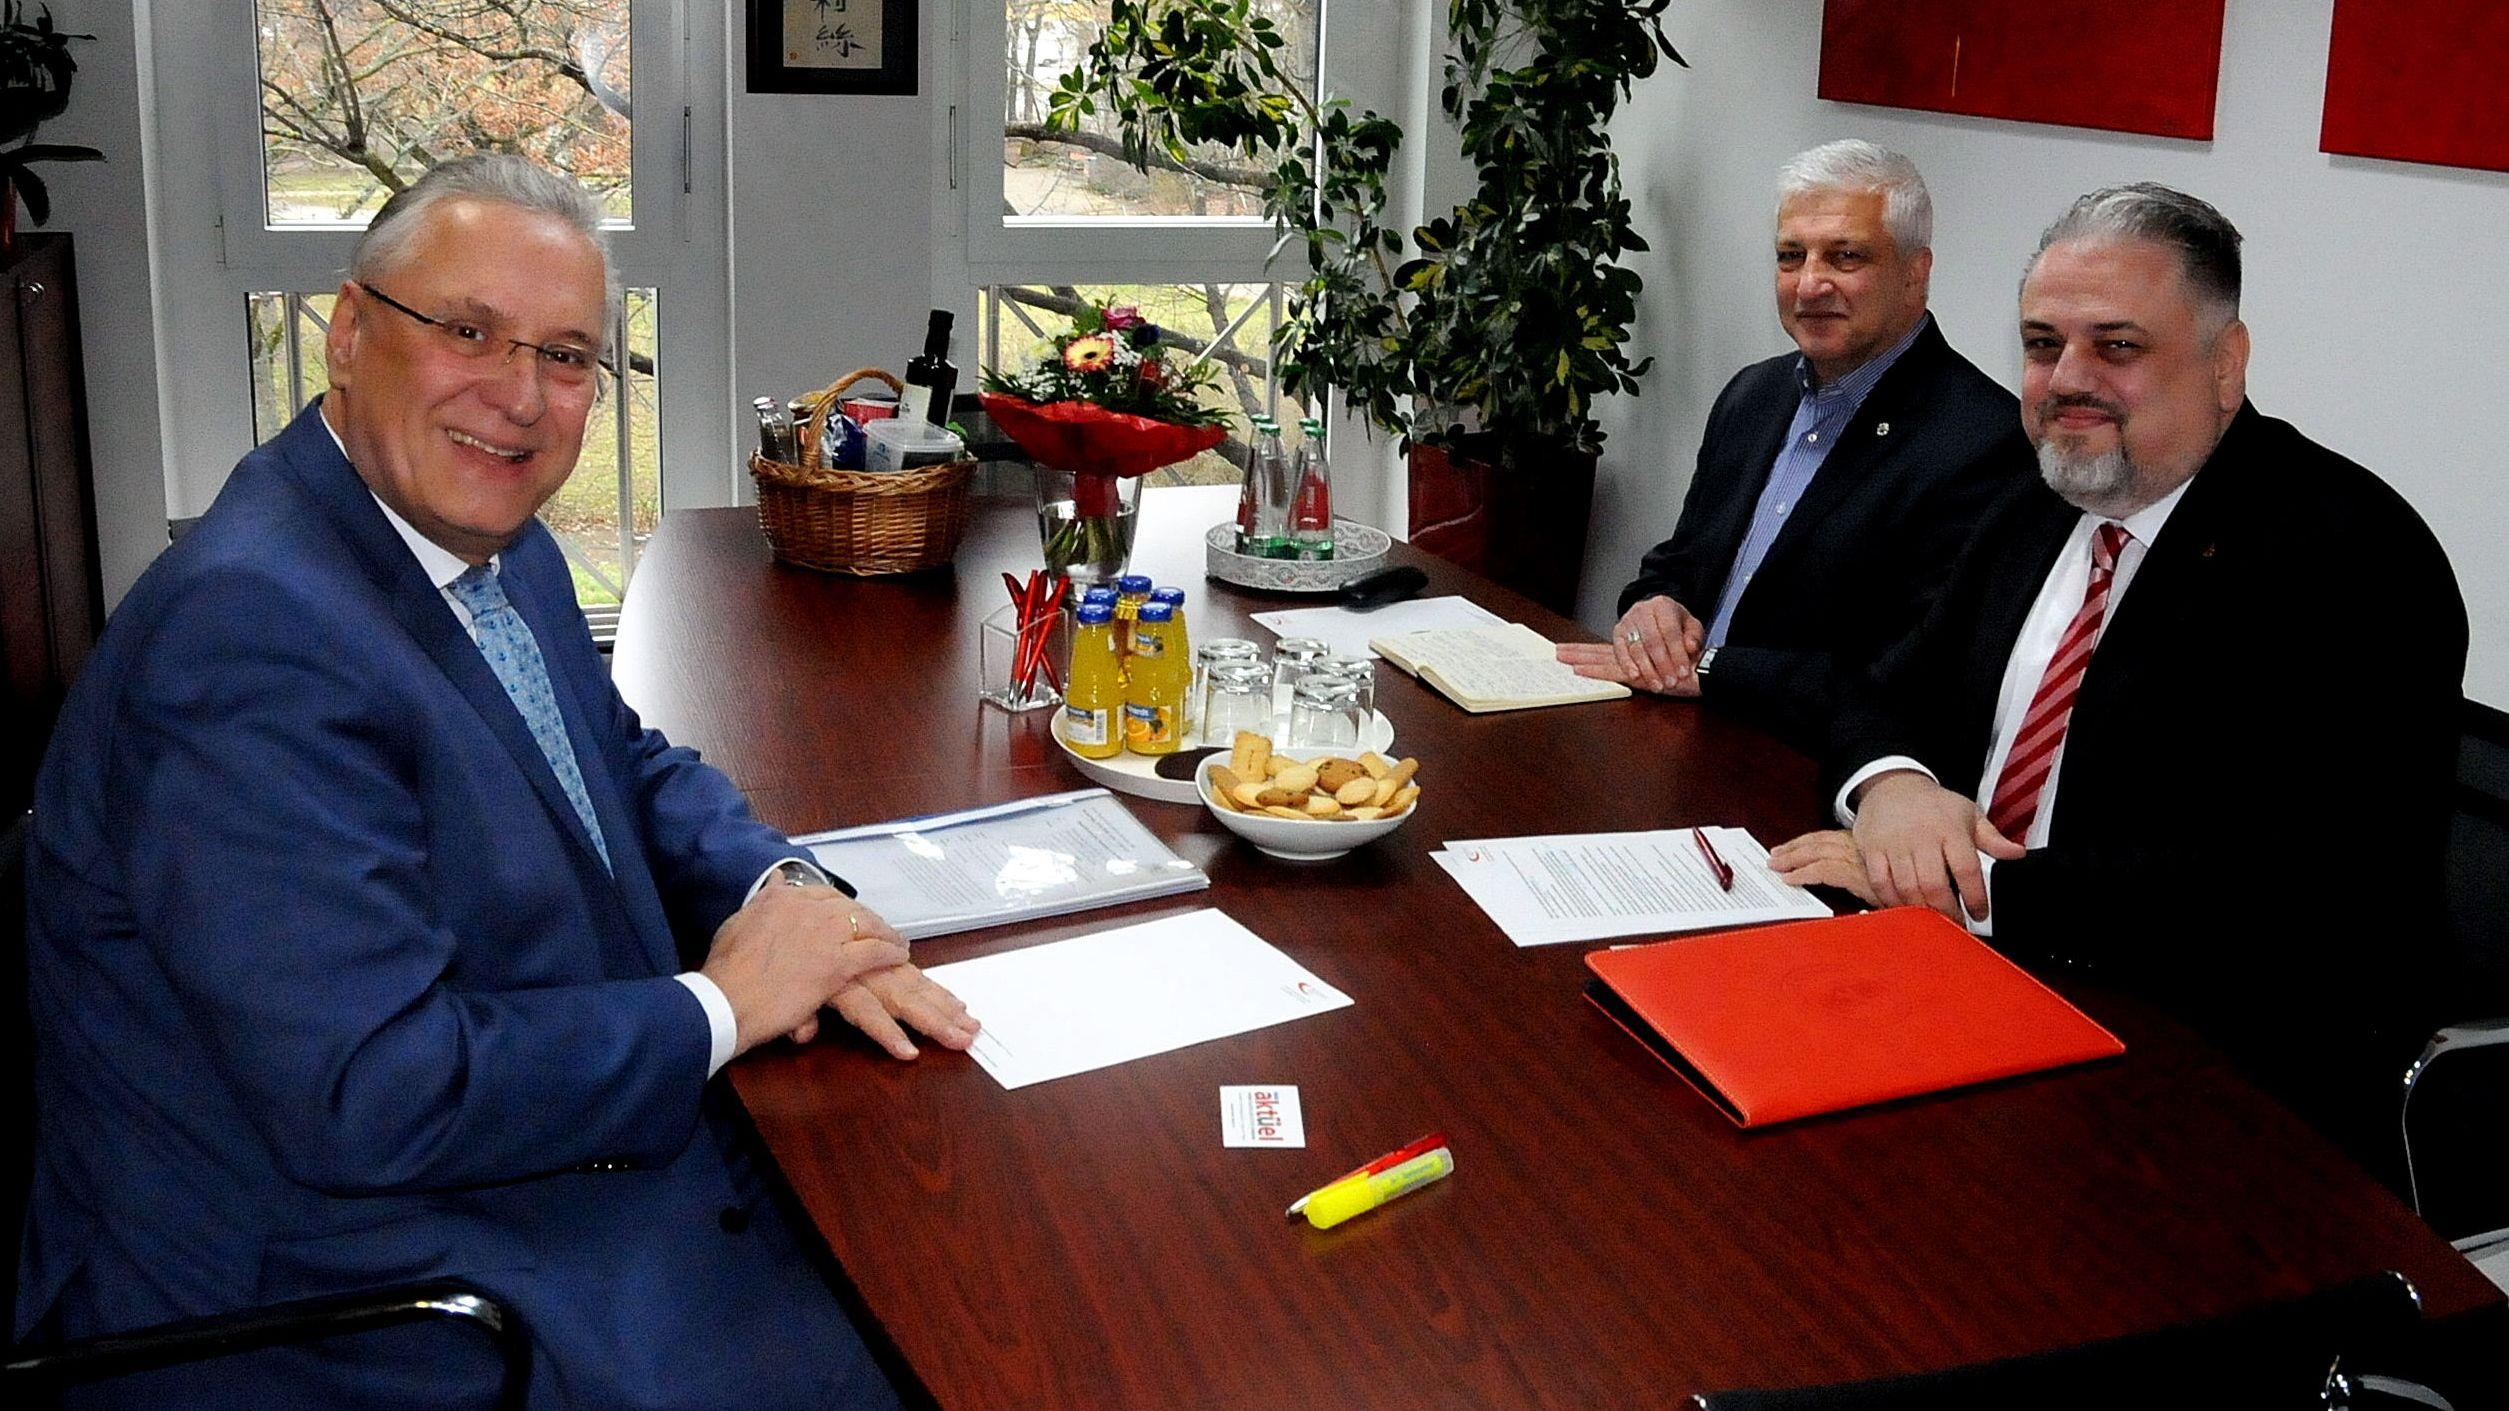 Besuch bei der Türkischen Gemeinde in der Metropolregion Nürnberg e.V.